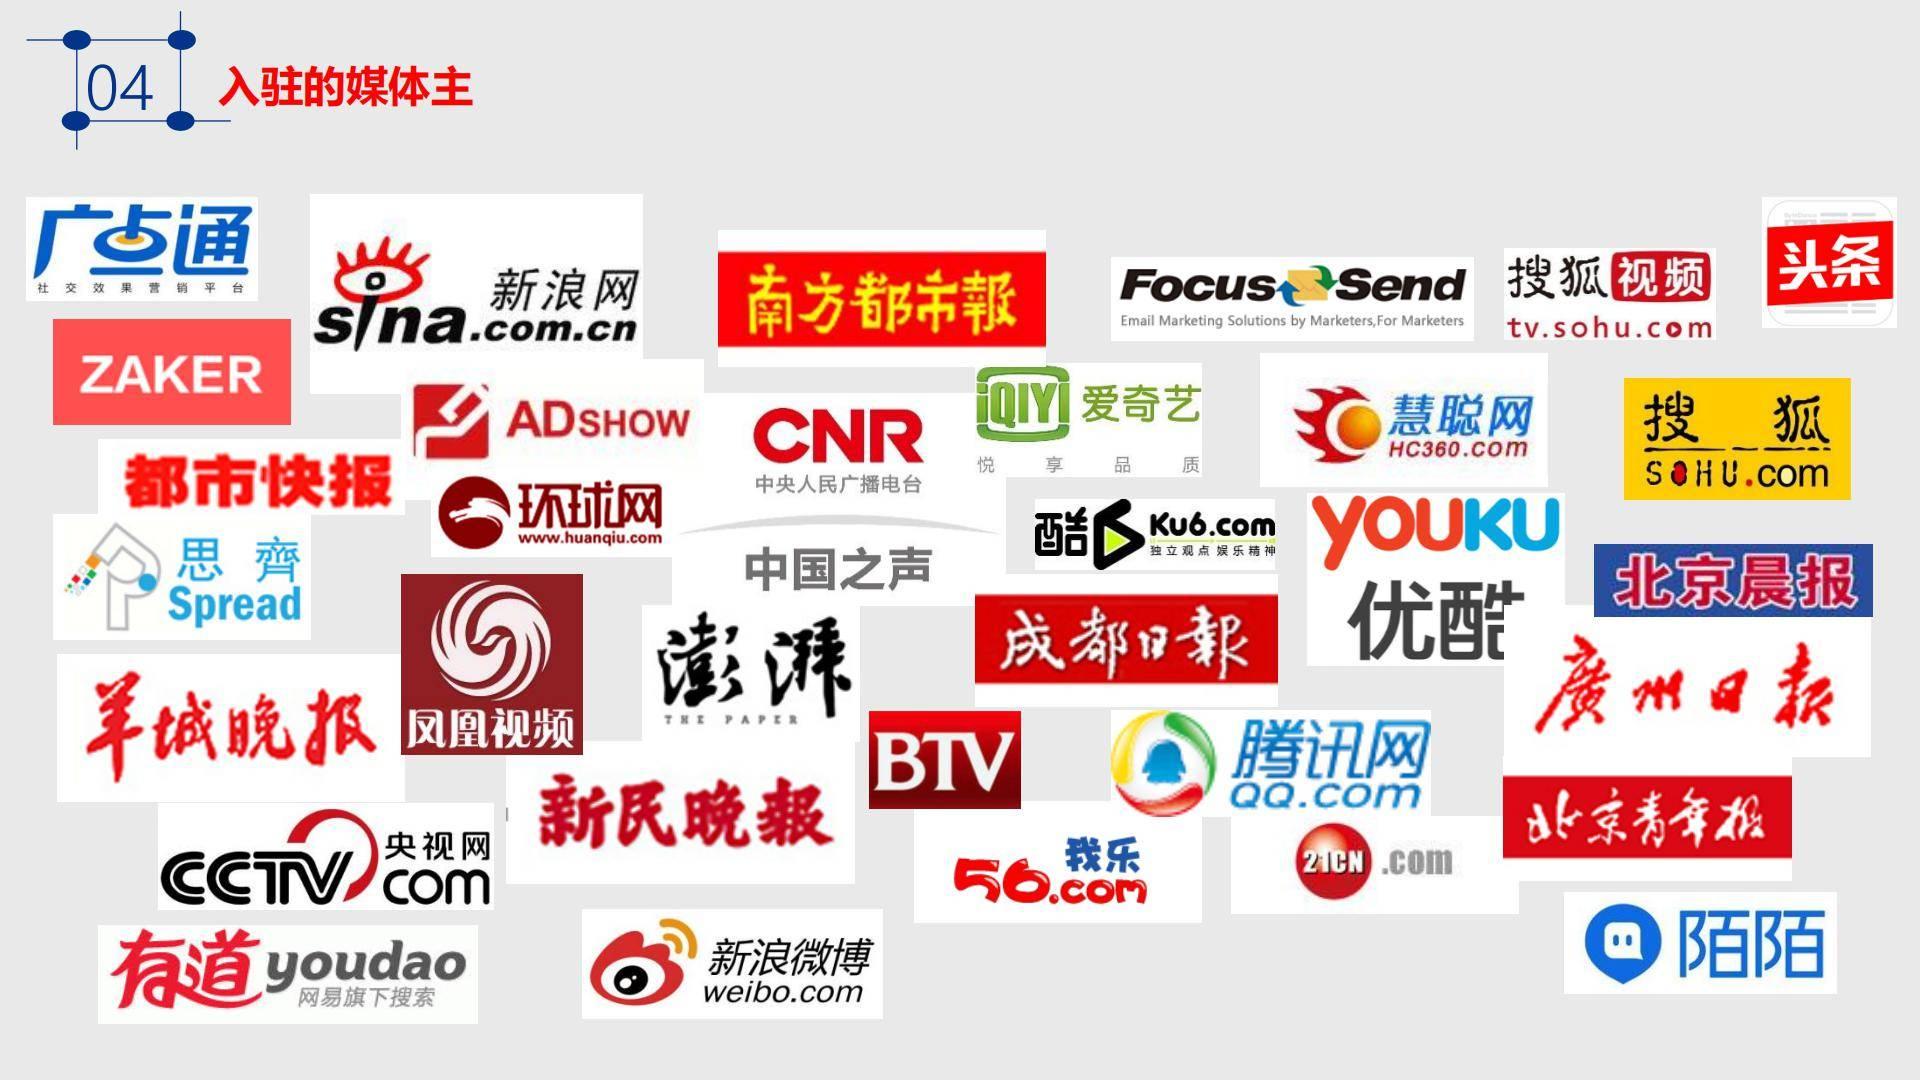 媒体主会员传播易招商2020.12.8_30.jpg